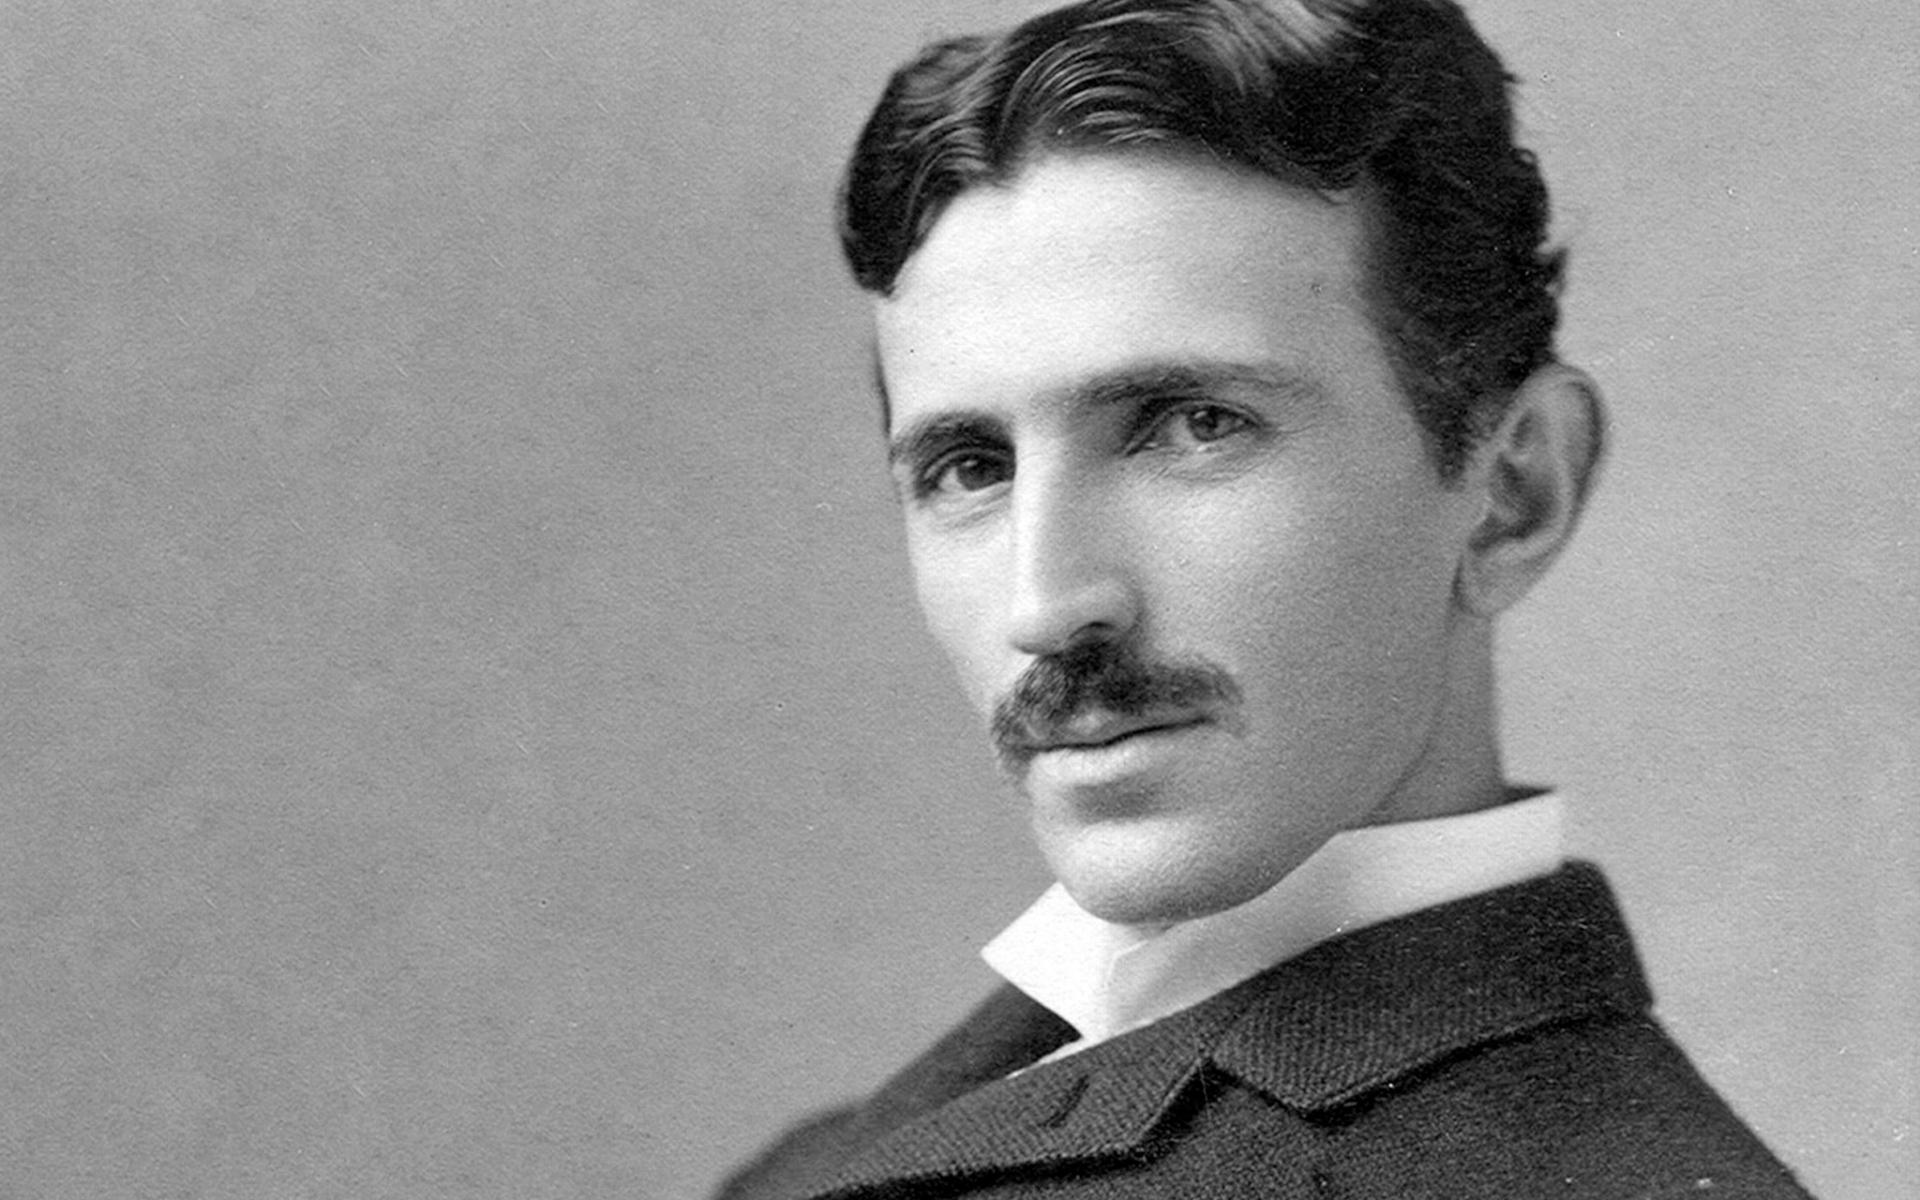 Резултат с изображение за Никола Тесла